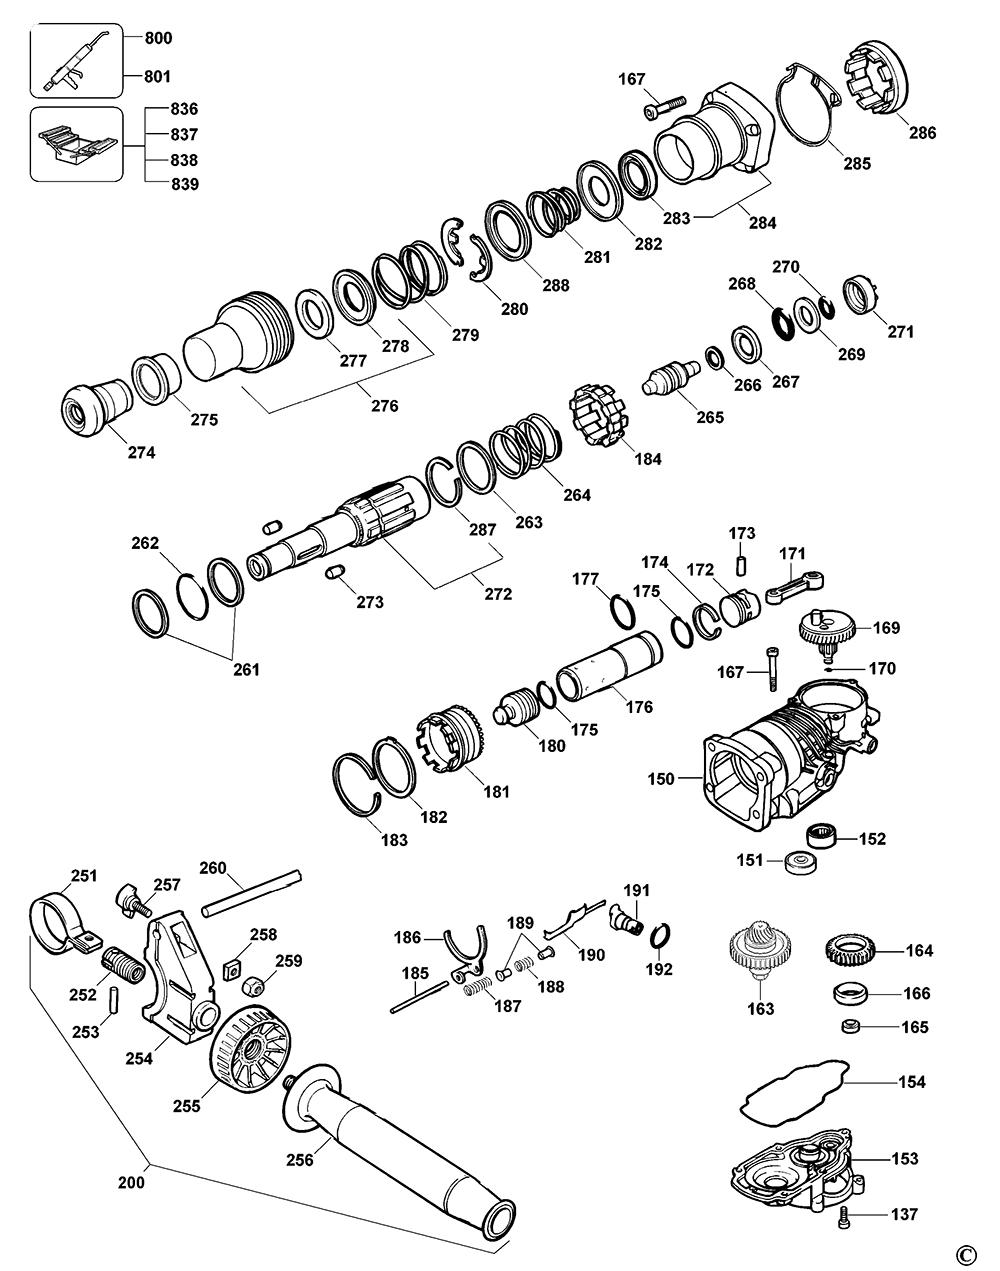 D25600KAR-Dewalt-T3-PB-1Break Down